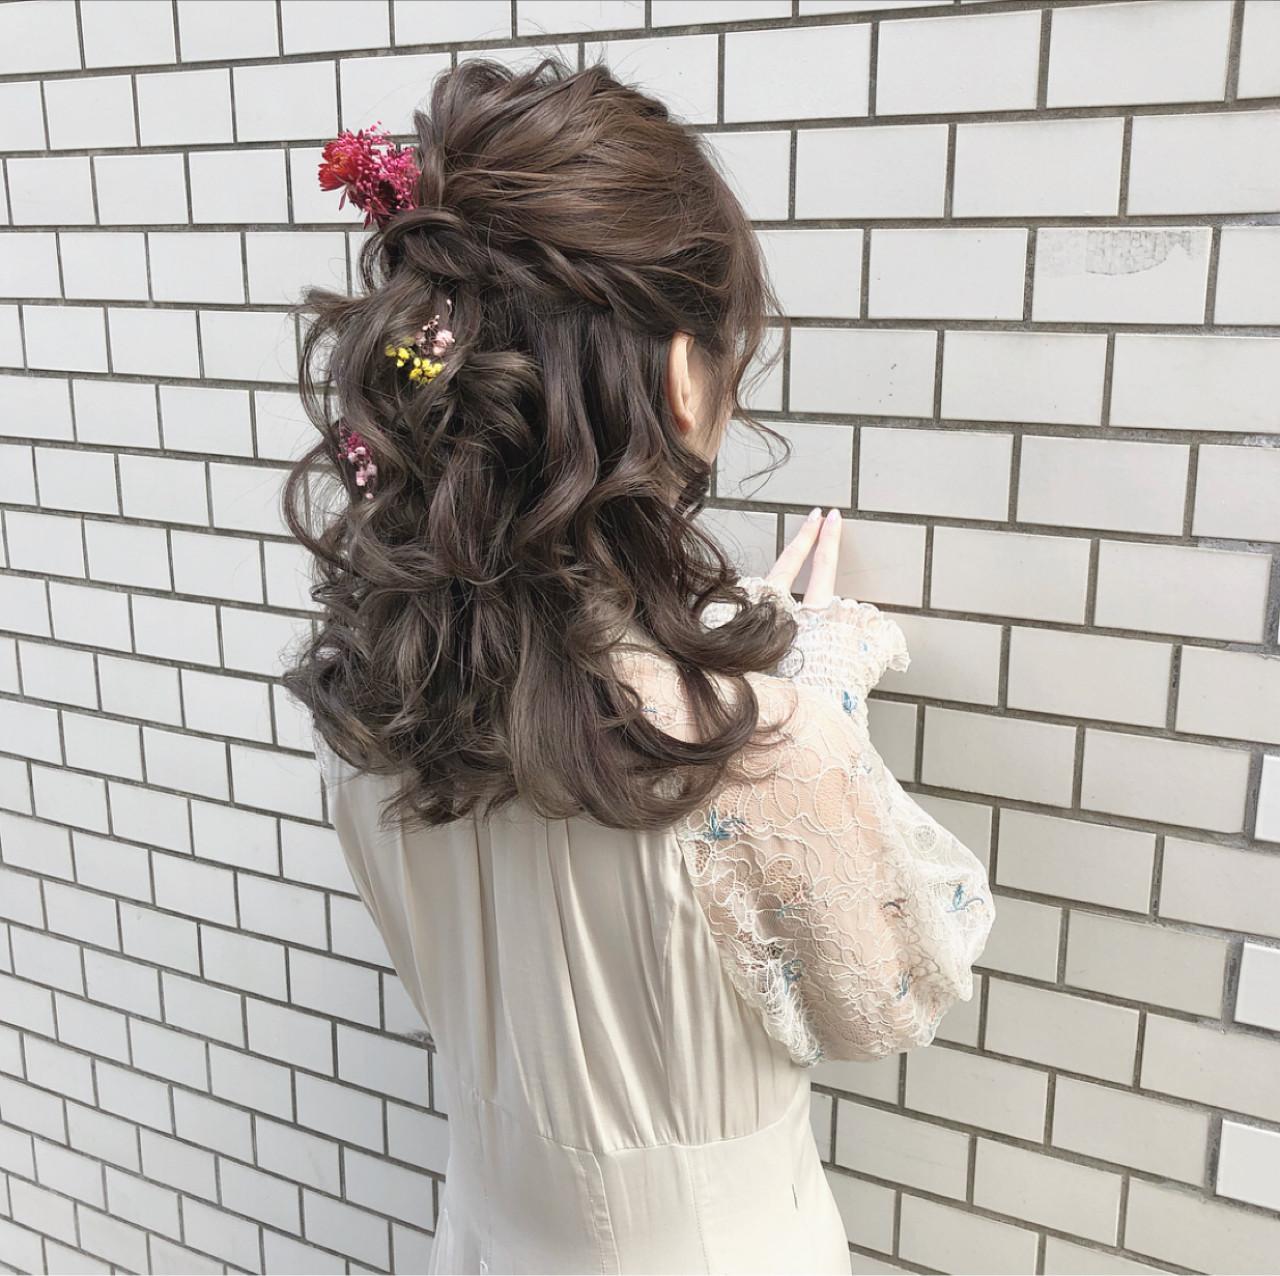 ヘアアレンジ ガーリー ハーフアップ デート ヘアスタイルや髪型の写真・画像